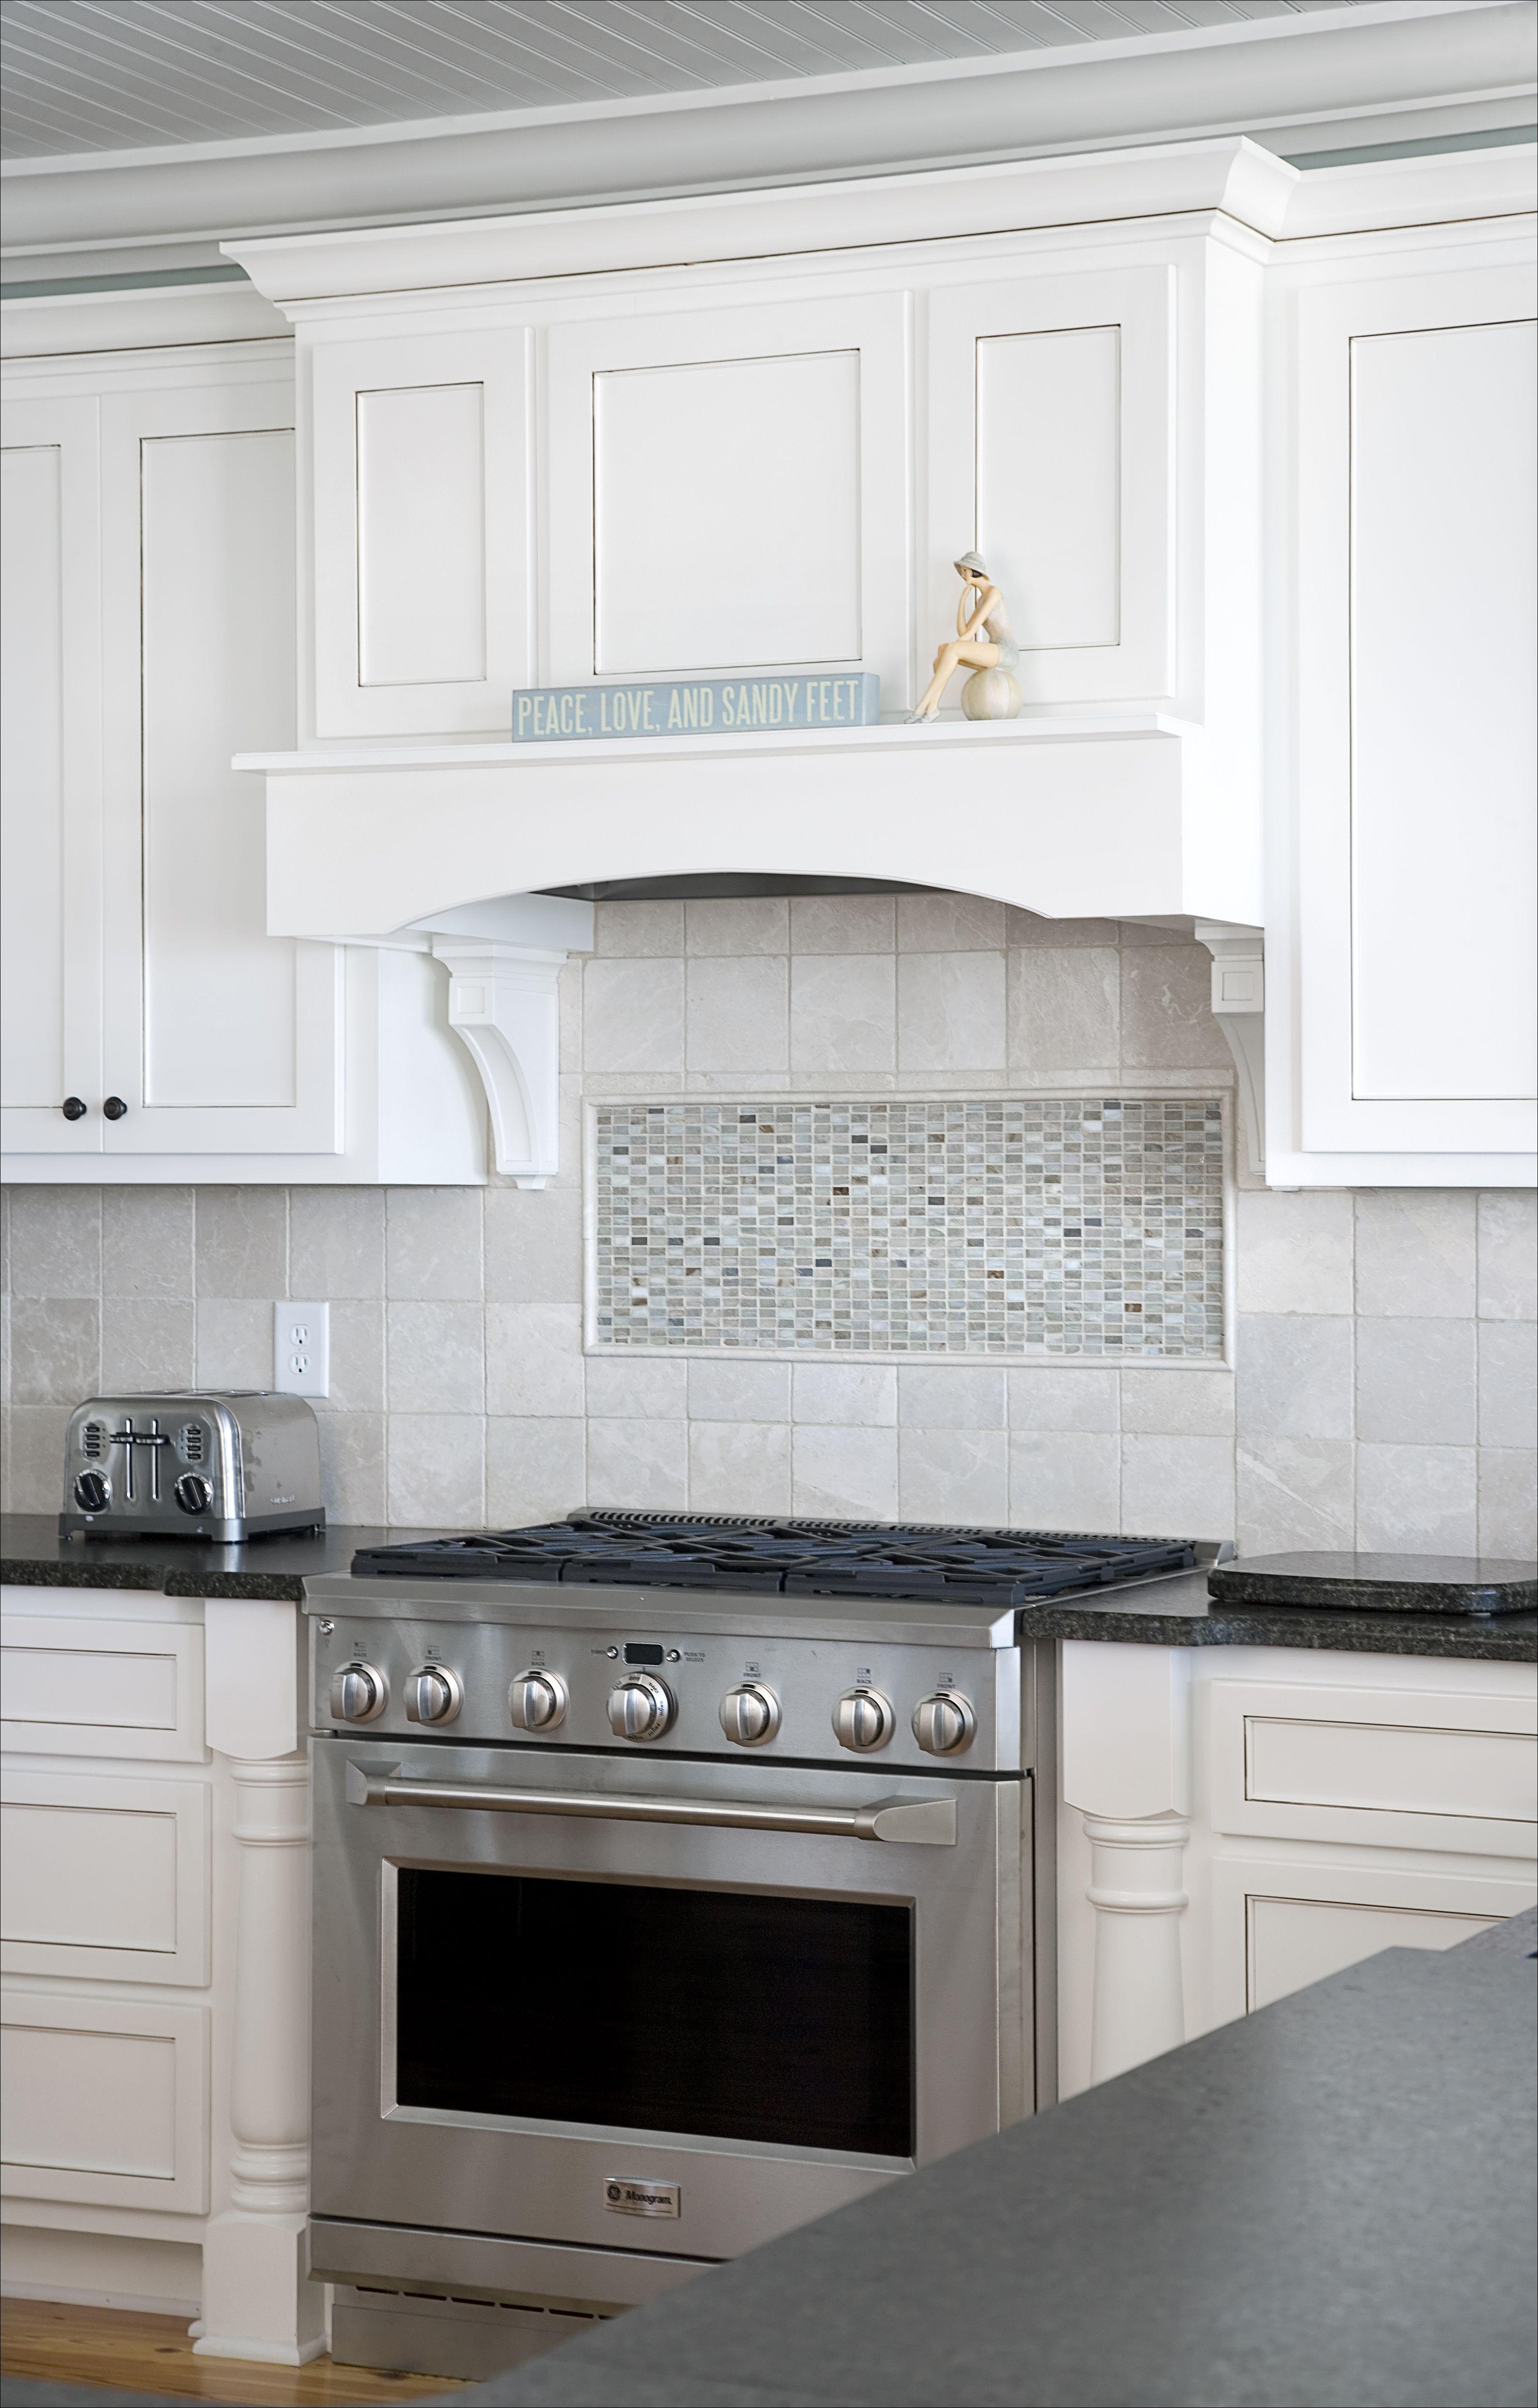 Crg Custom Oceanfront Home Built In Garden City Beach Sc Kitchen Hood Design Kitchen Design White Kitchen Design